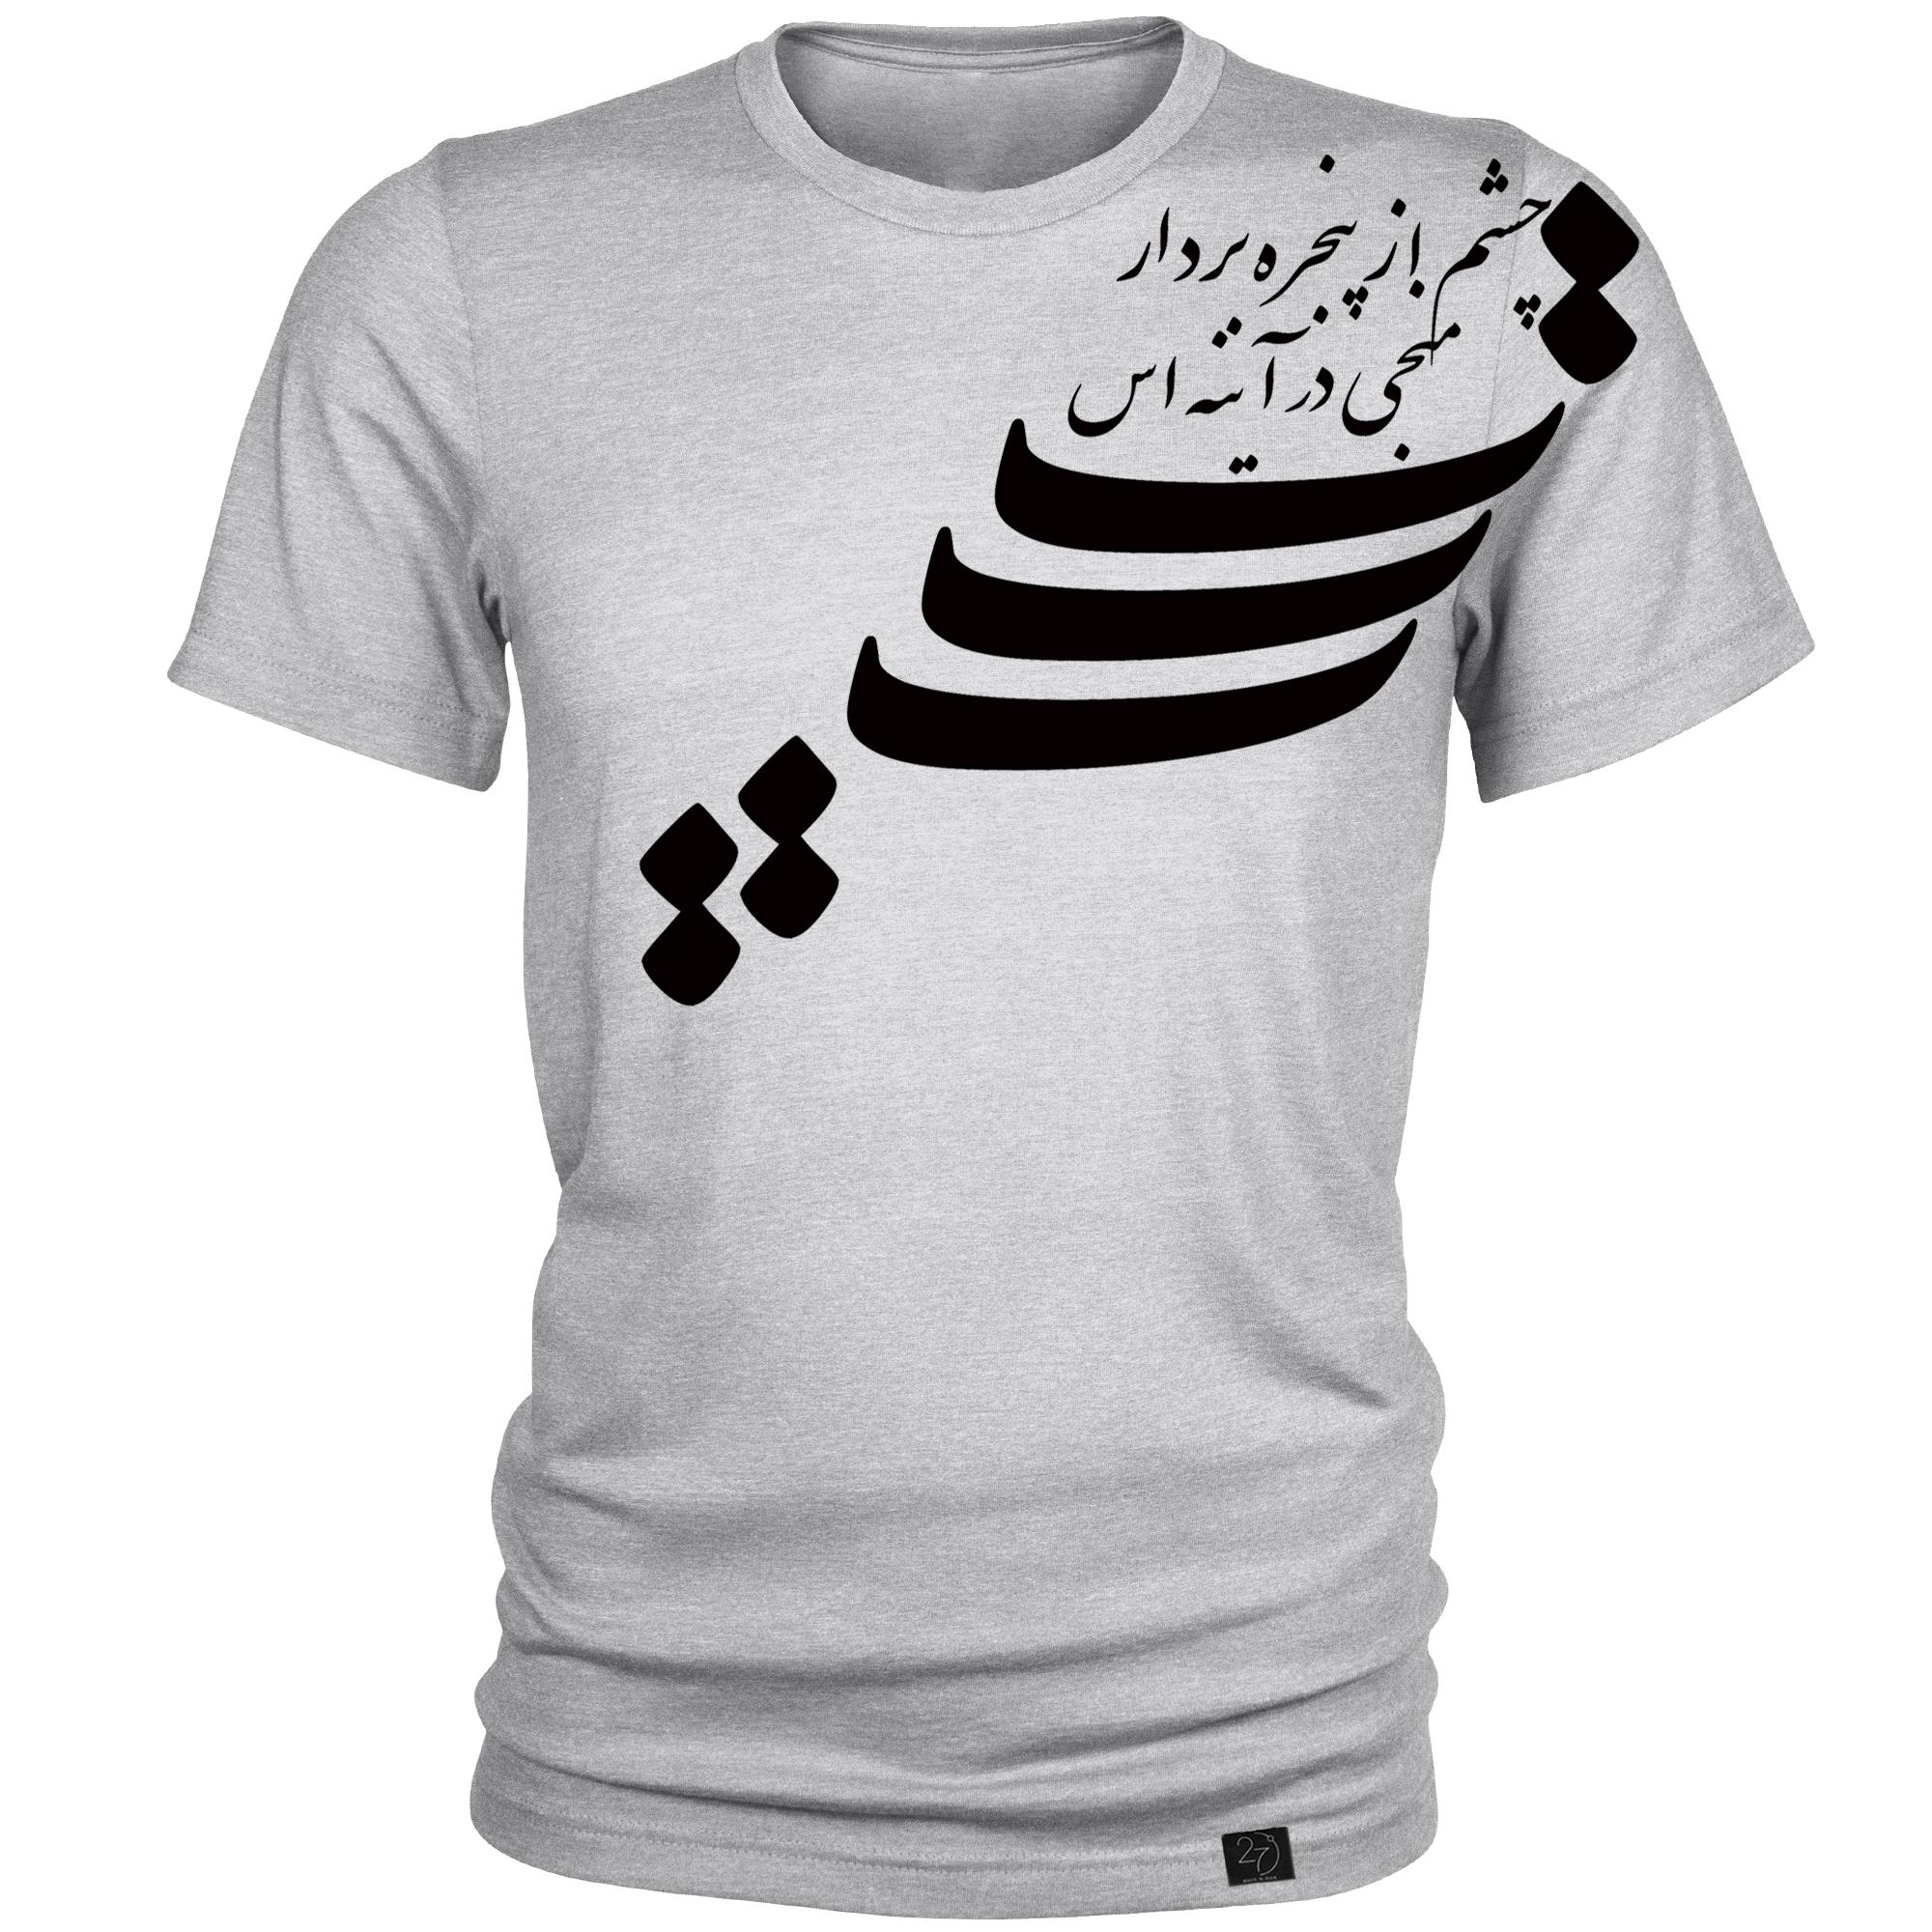 تی شرت  مردانه 27  طرح منجی کد B122 -  - 2